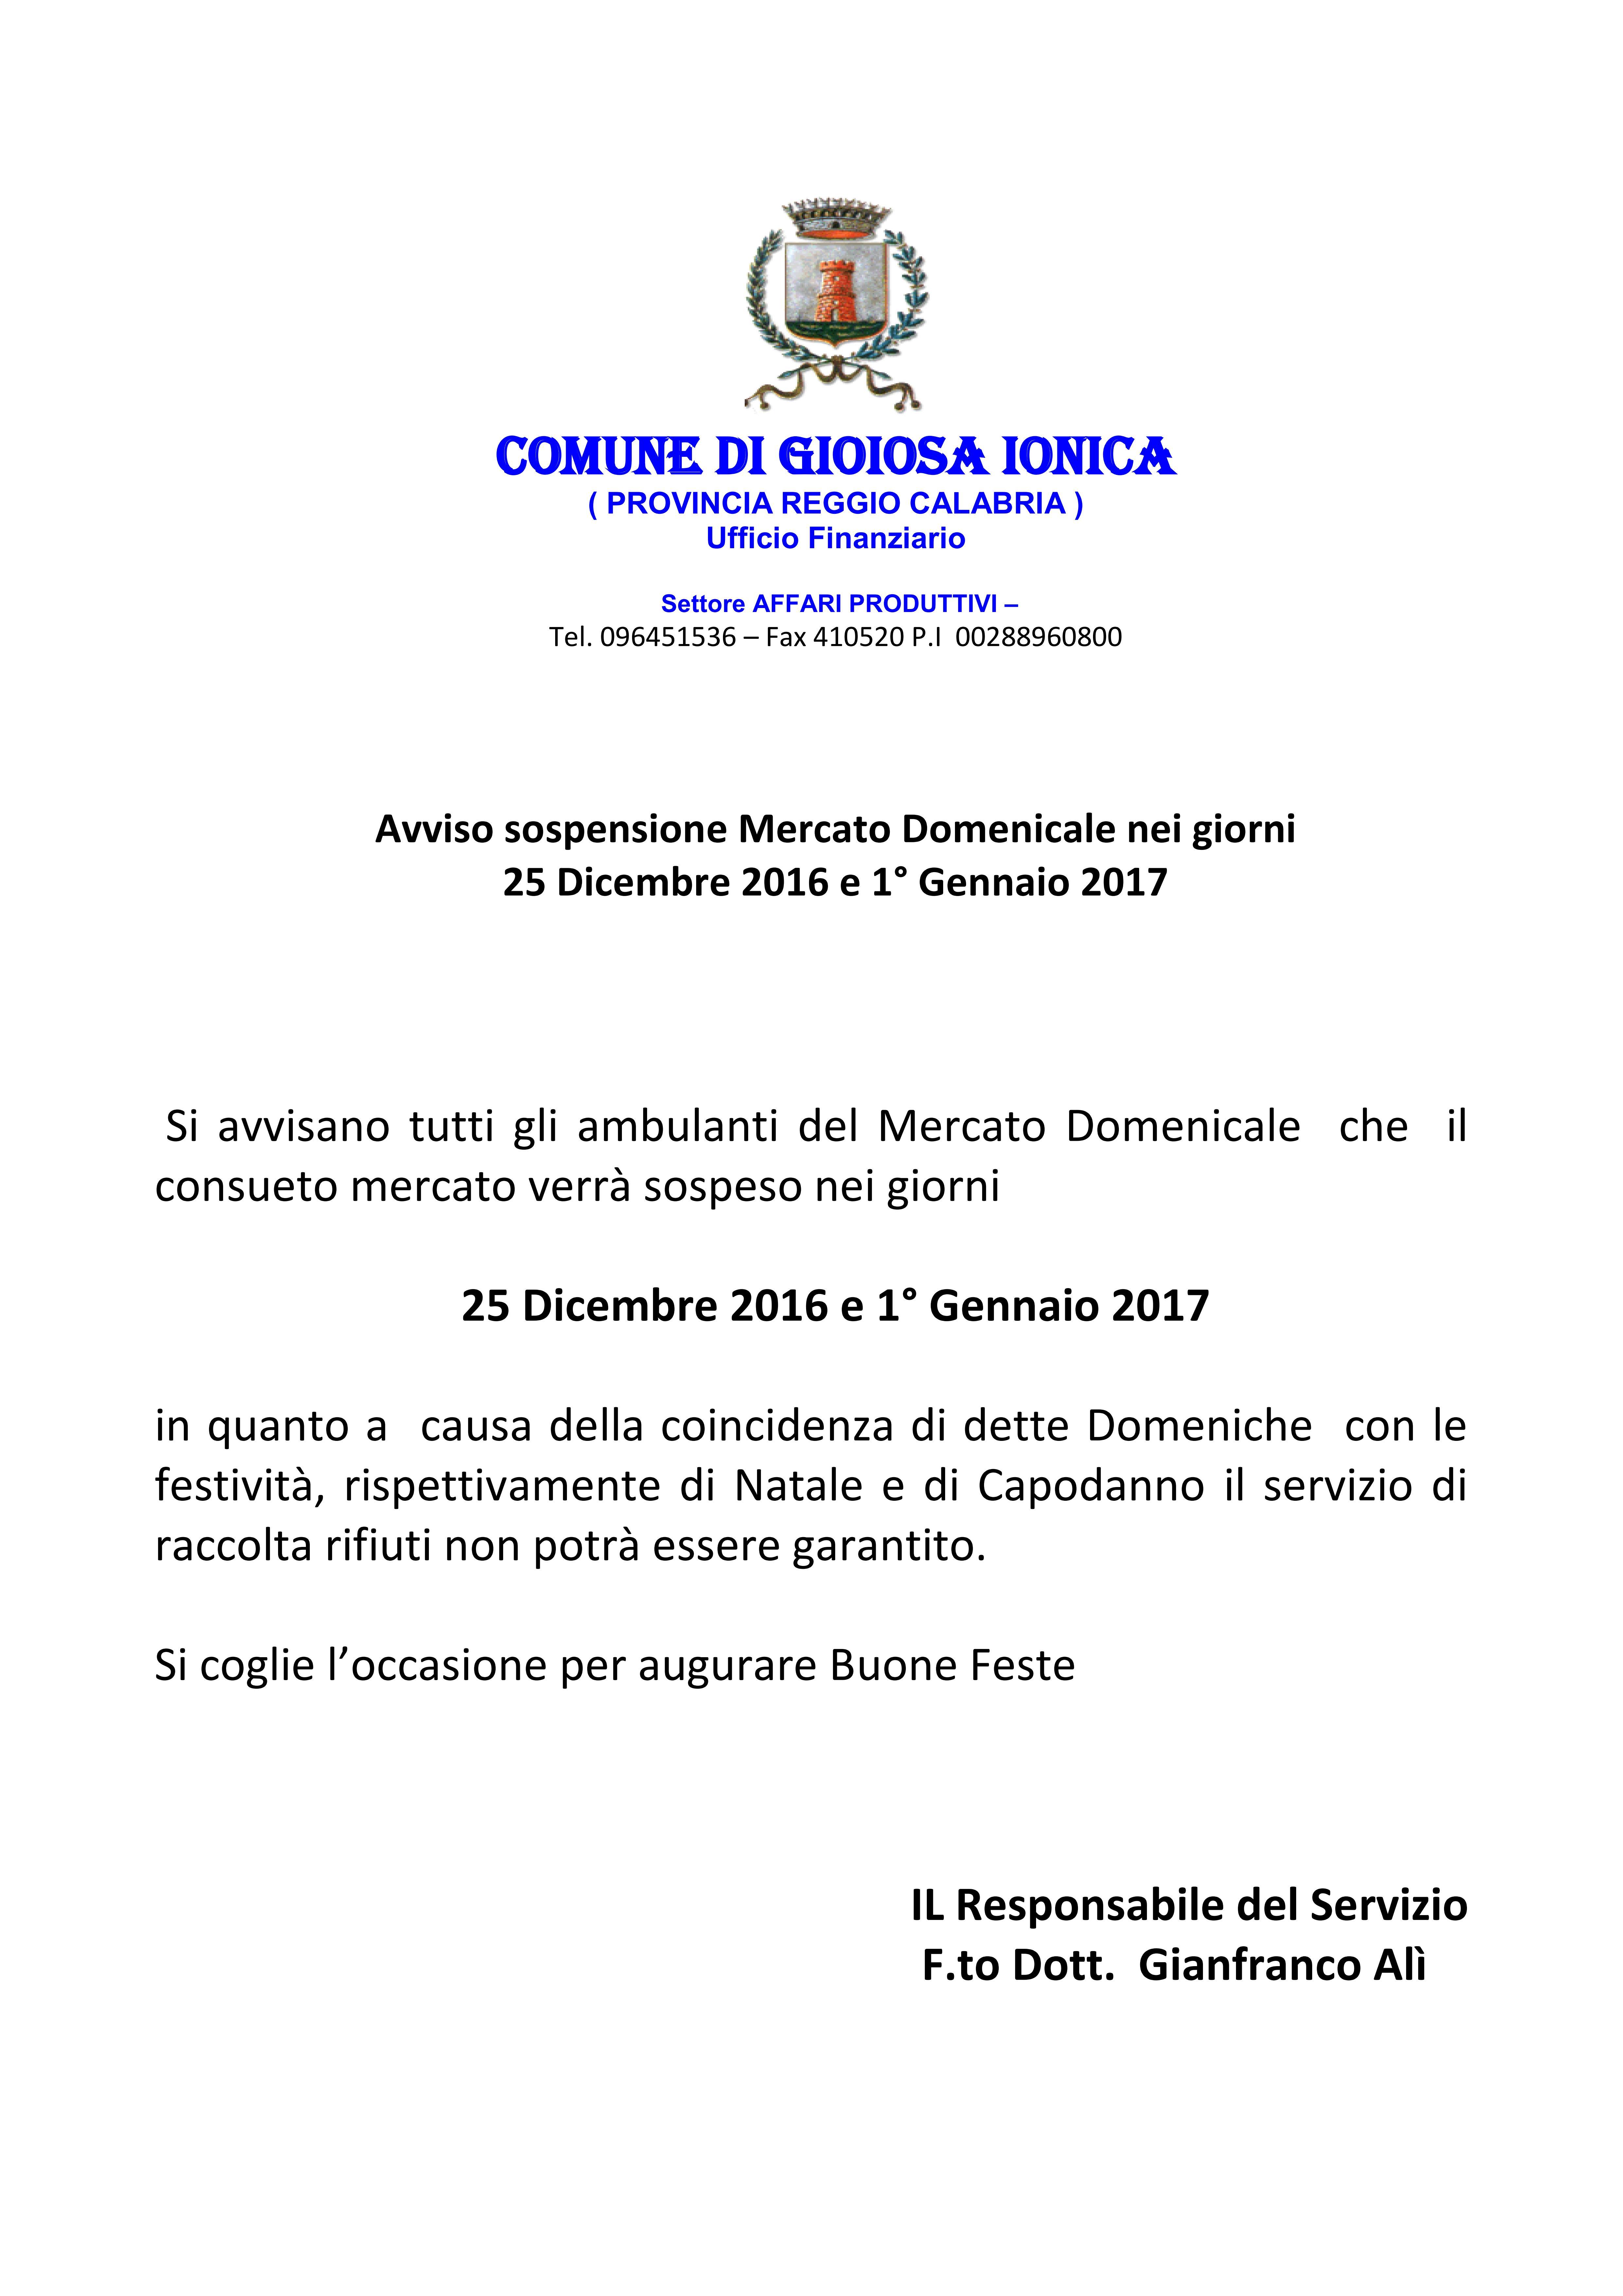 avviso_sospensione_mercato__domenicale_giono_25_dicembre__2016_-1_gennaio_2017_01